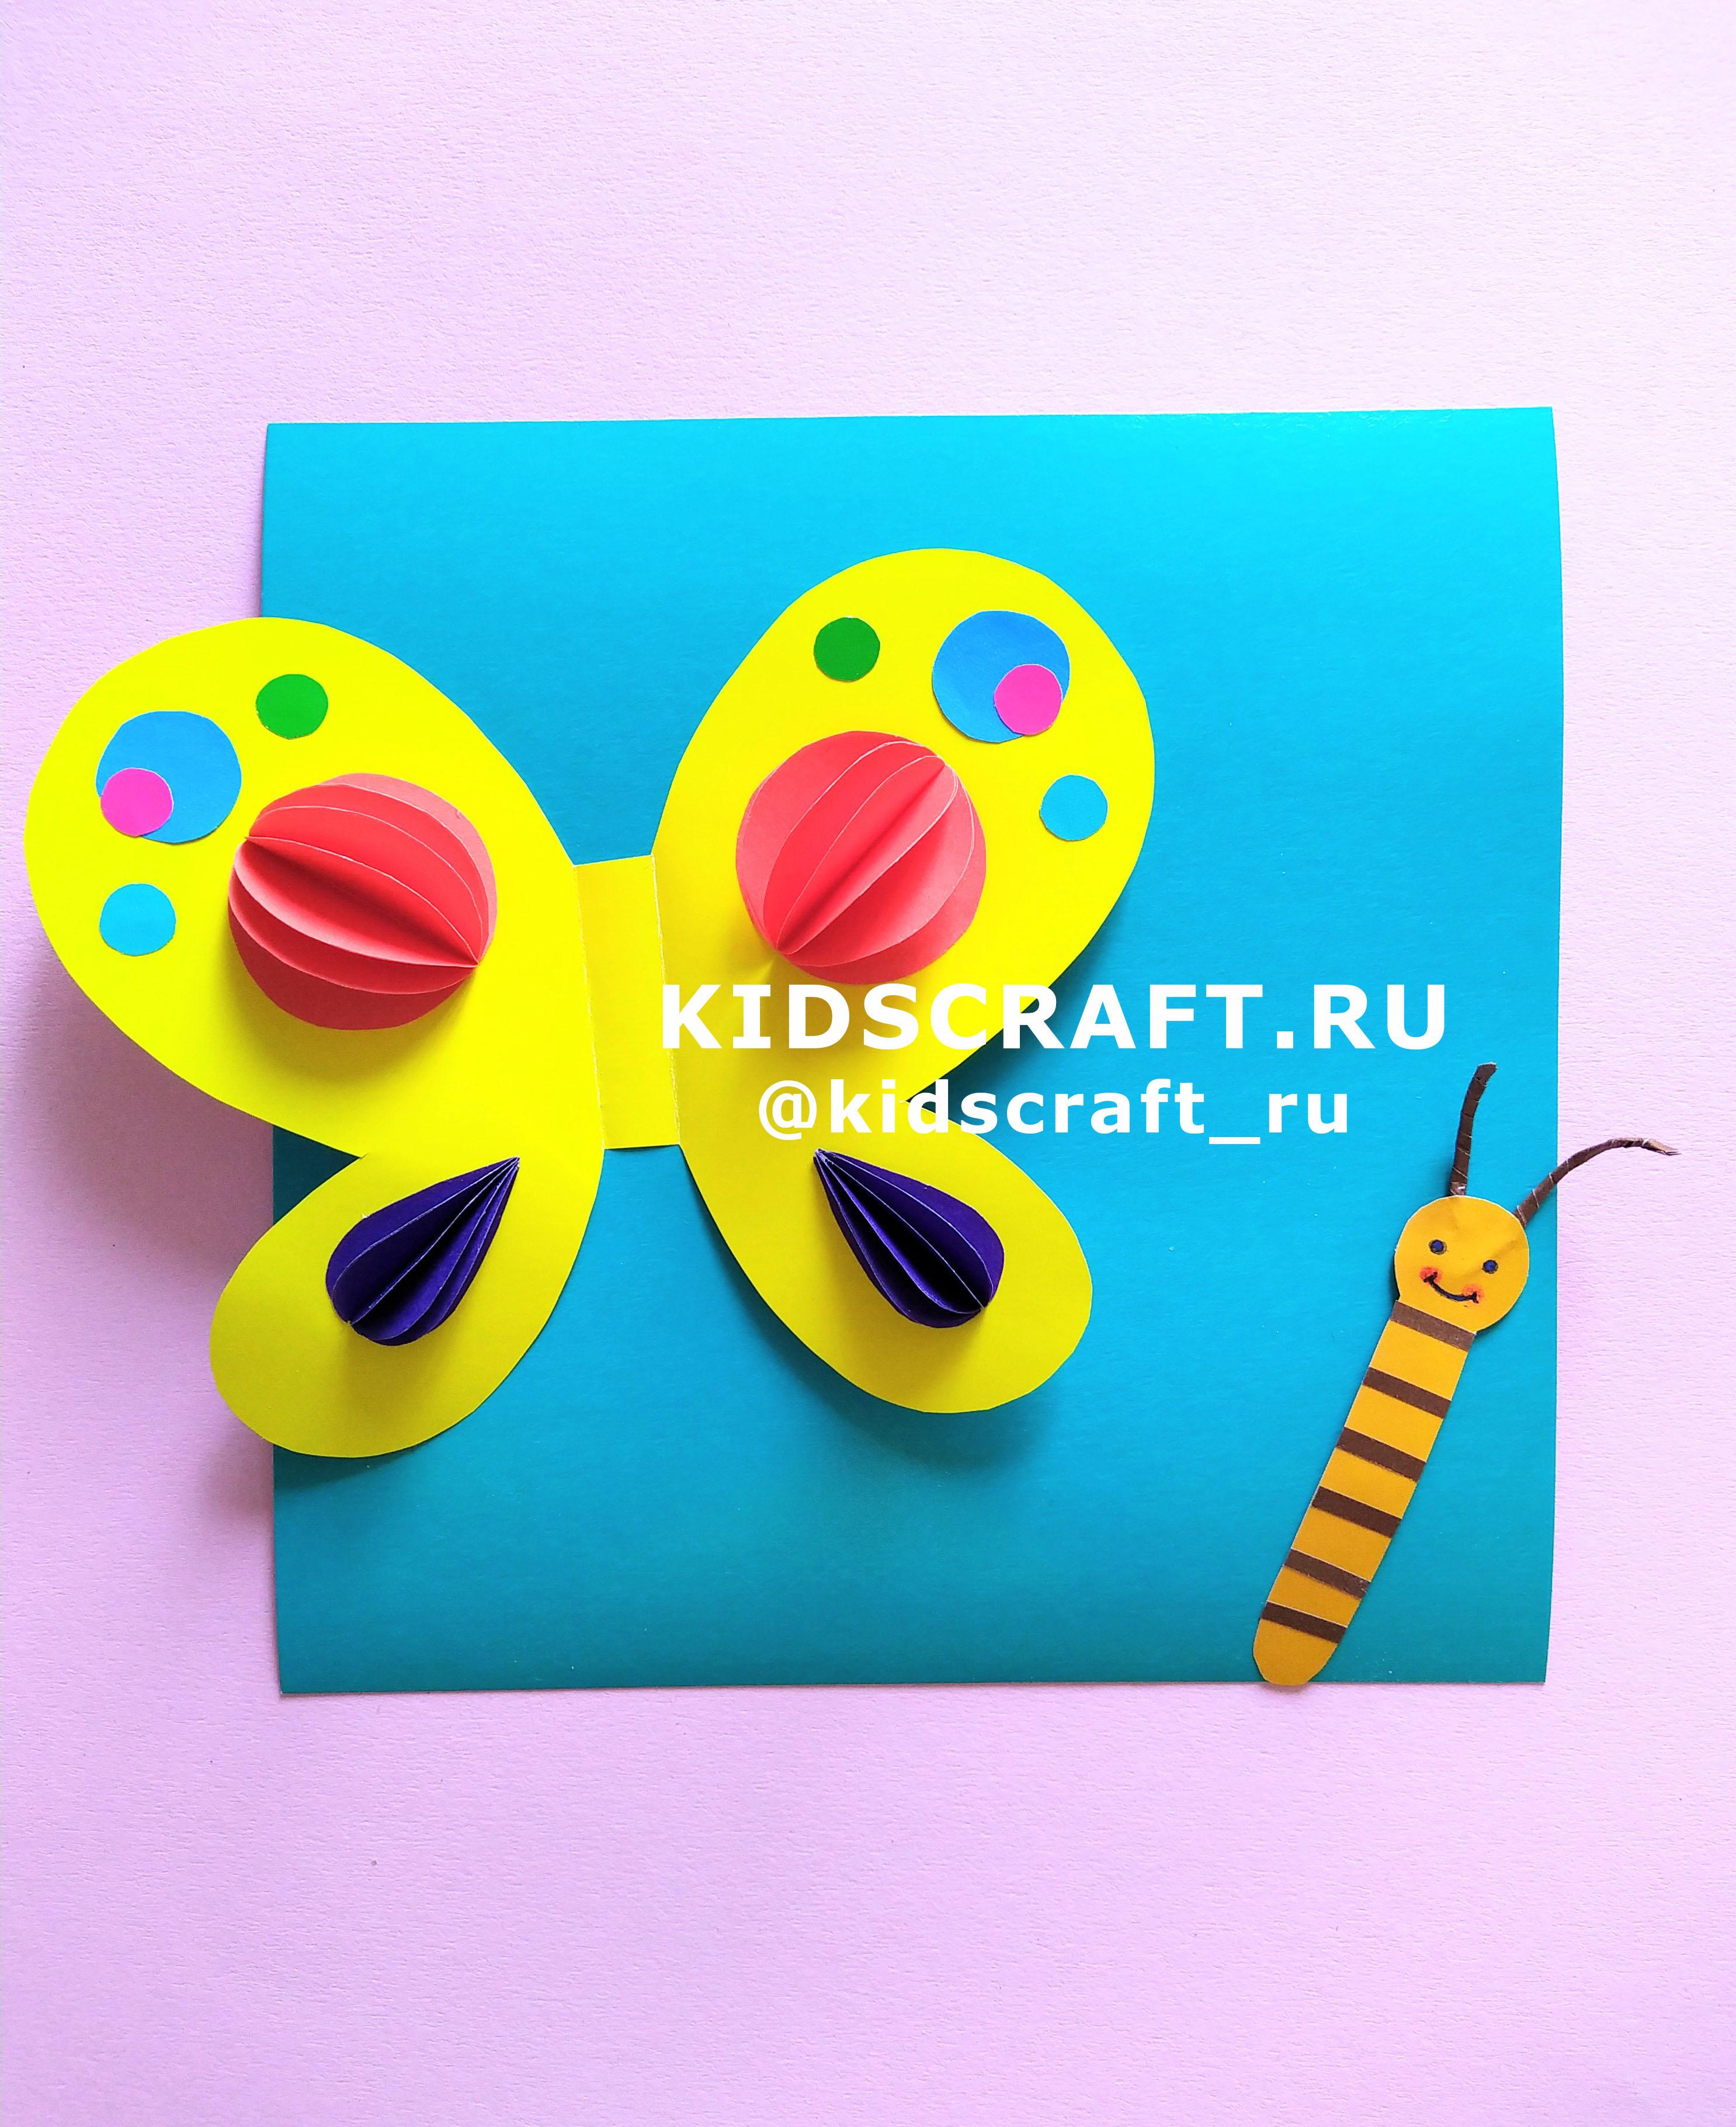 Как сделать поделки своими руками kidscraft.ru